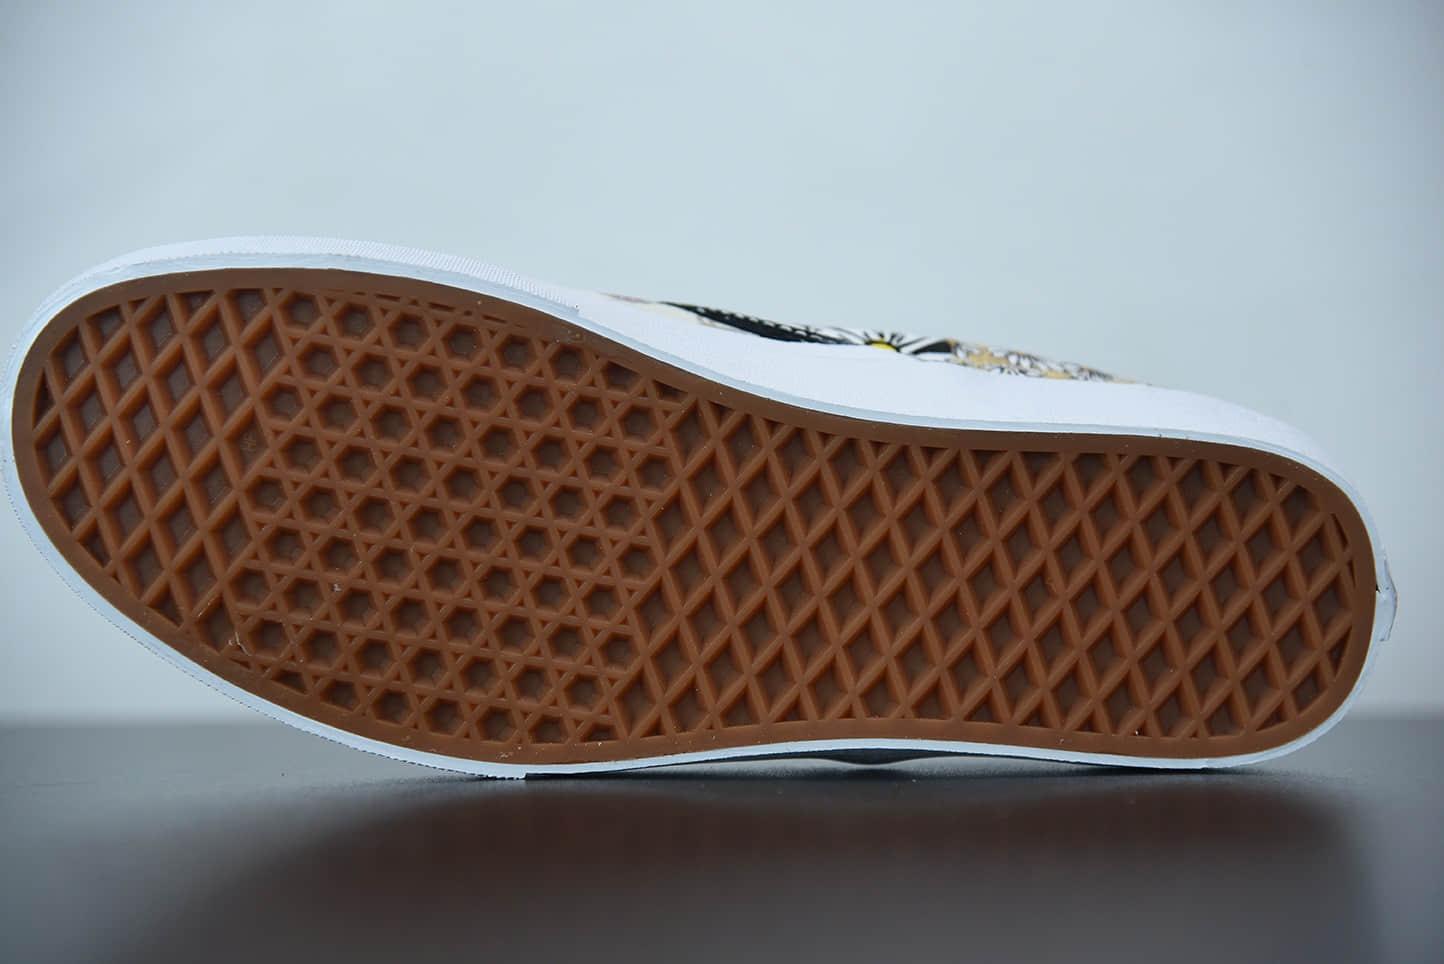 万斯 VansSlip-on 一脚蹬鸳鸯小菊花拼布腰果花低帮硫化休闲板鞋纯原版本 货号:VN0A5AO8420